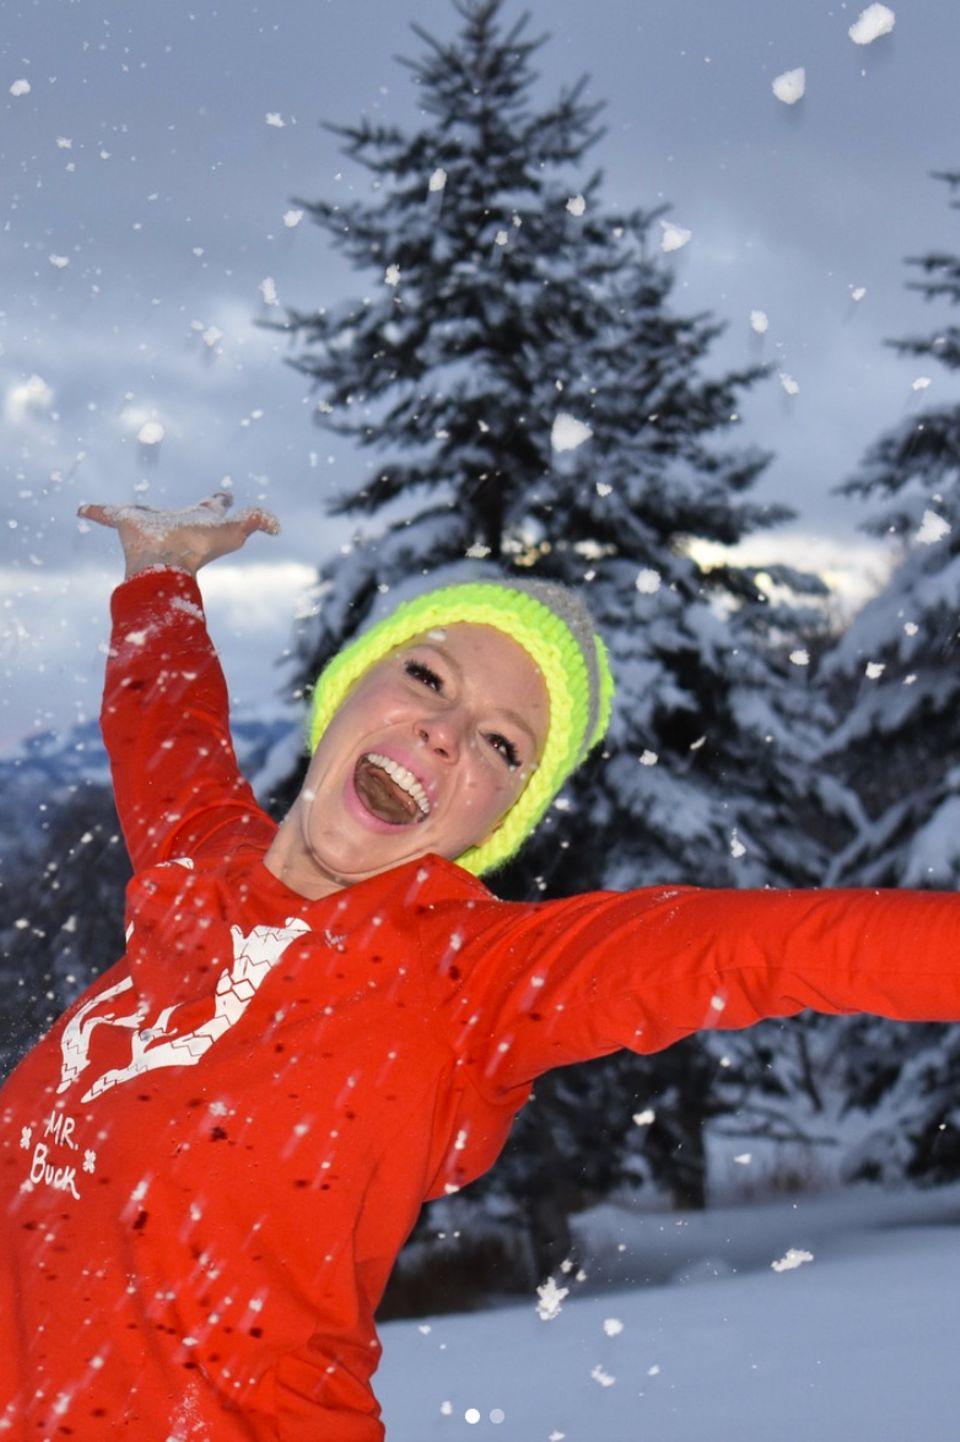 Schauspielerin Katherine Heigl sendet fröhliche Grüße aus dem Schneegestöber.